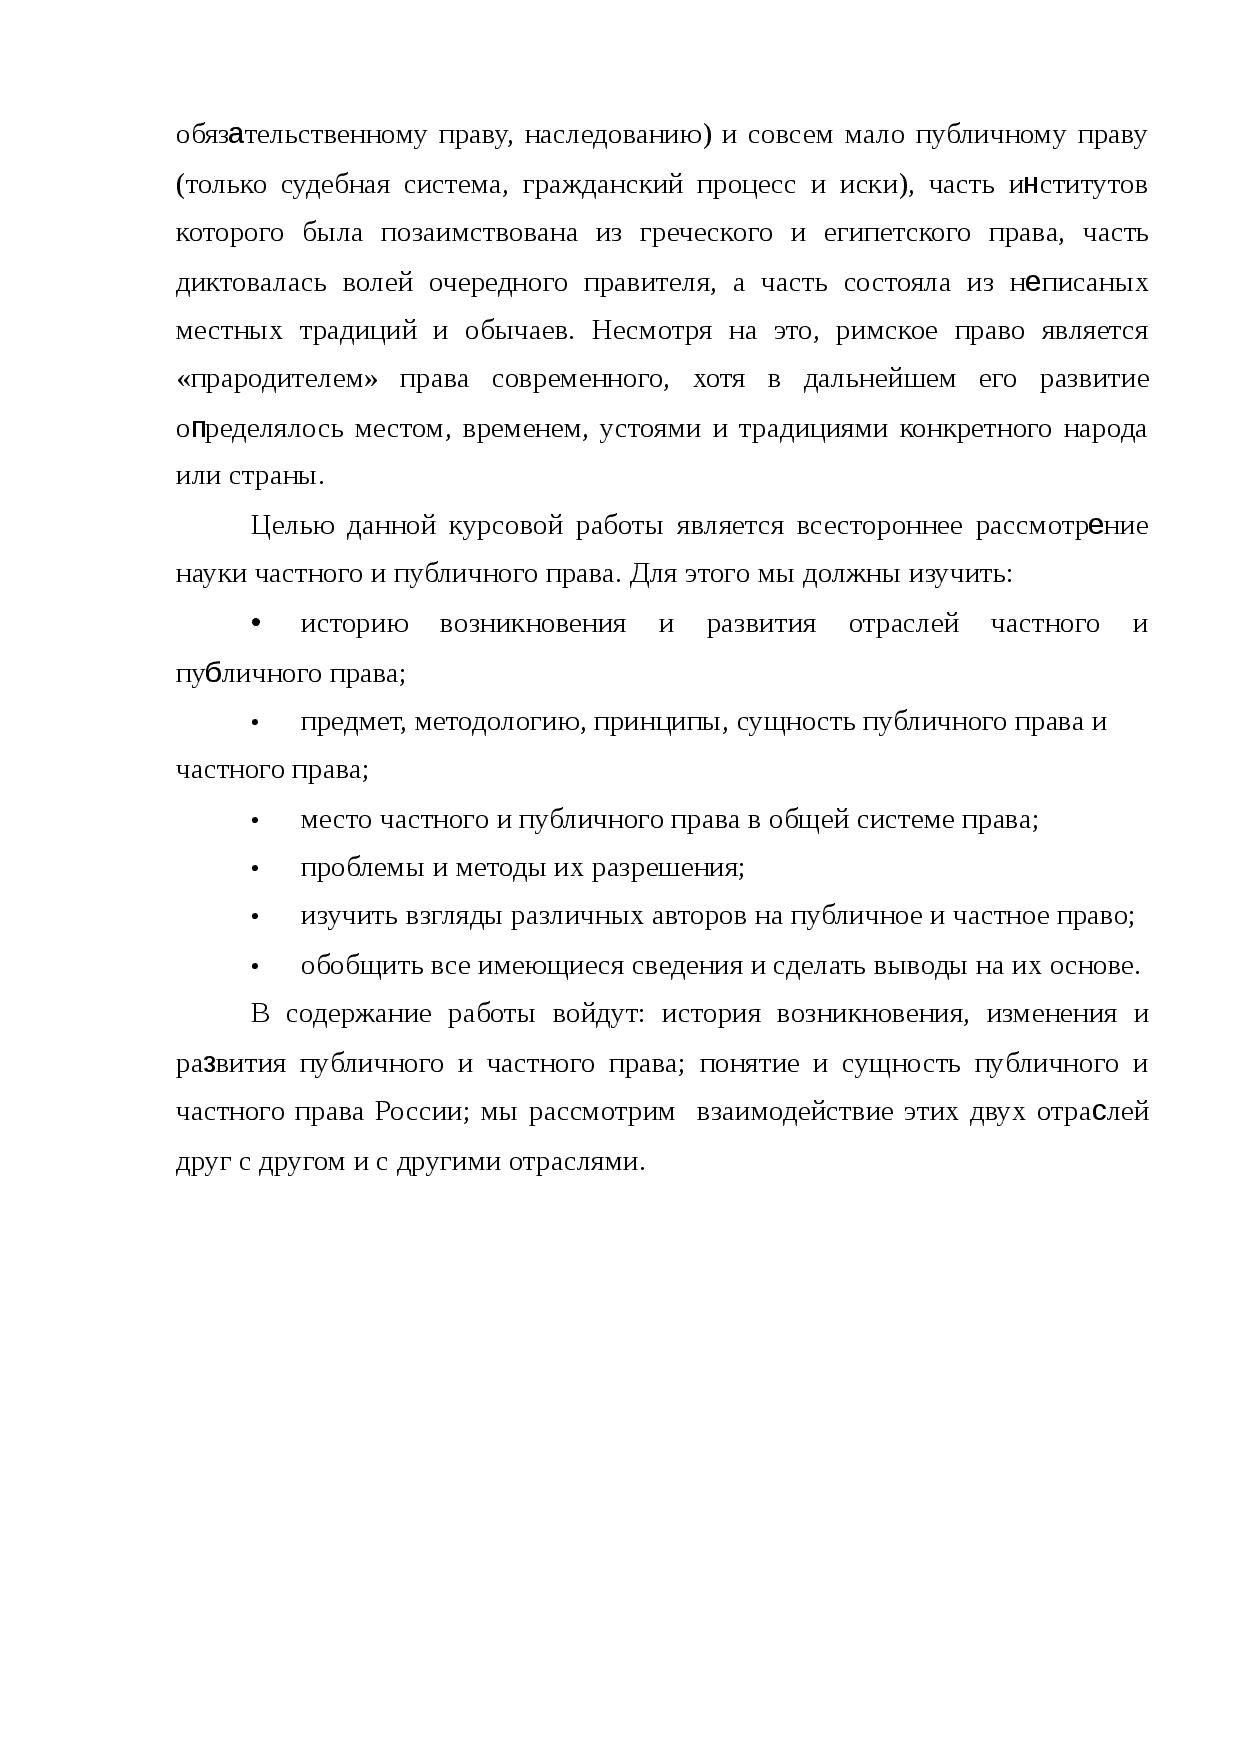 Публичные и частные отрасли права